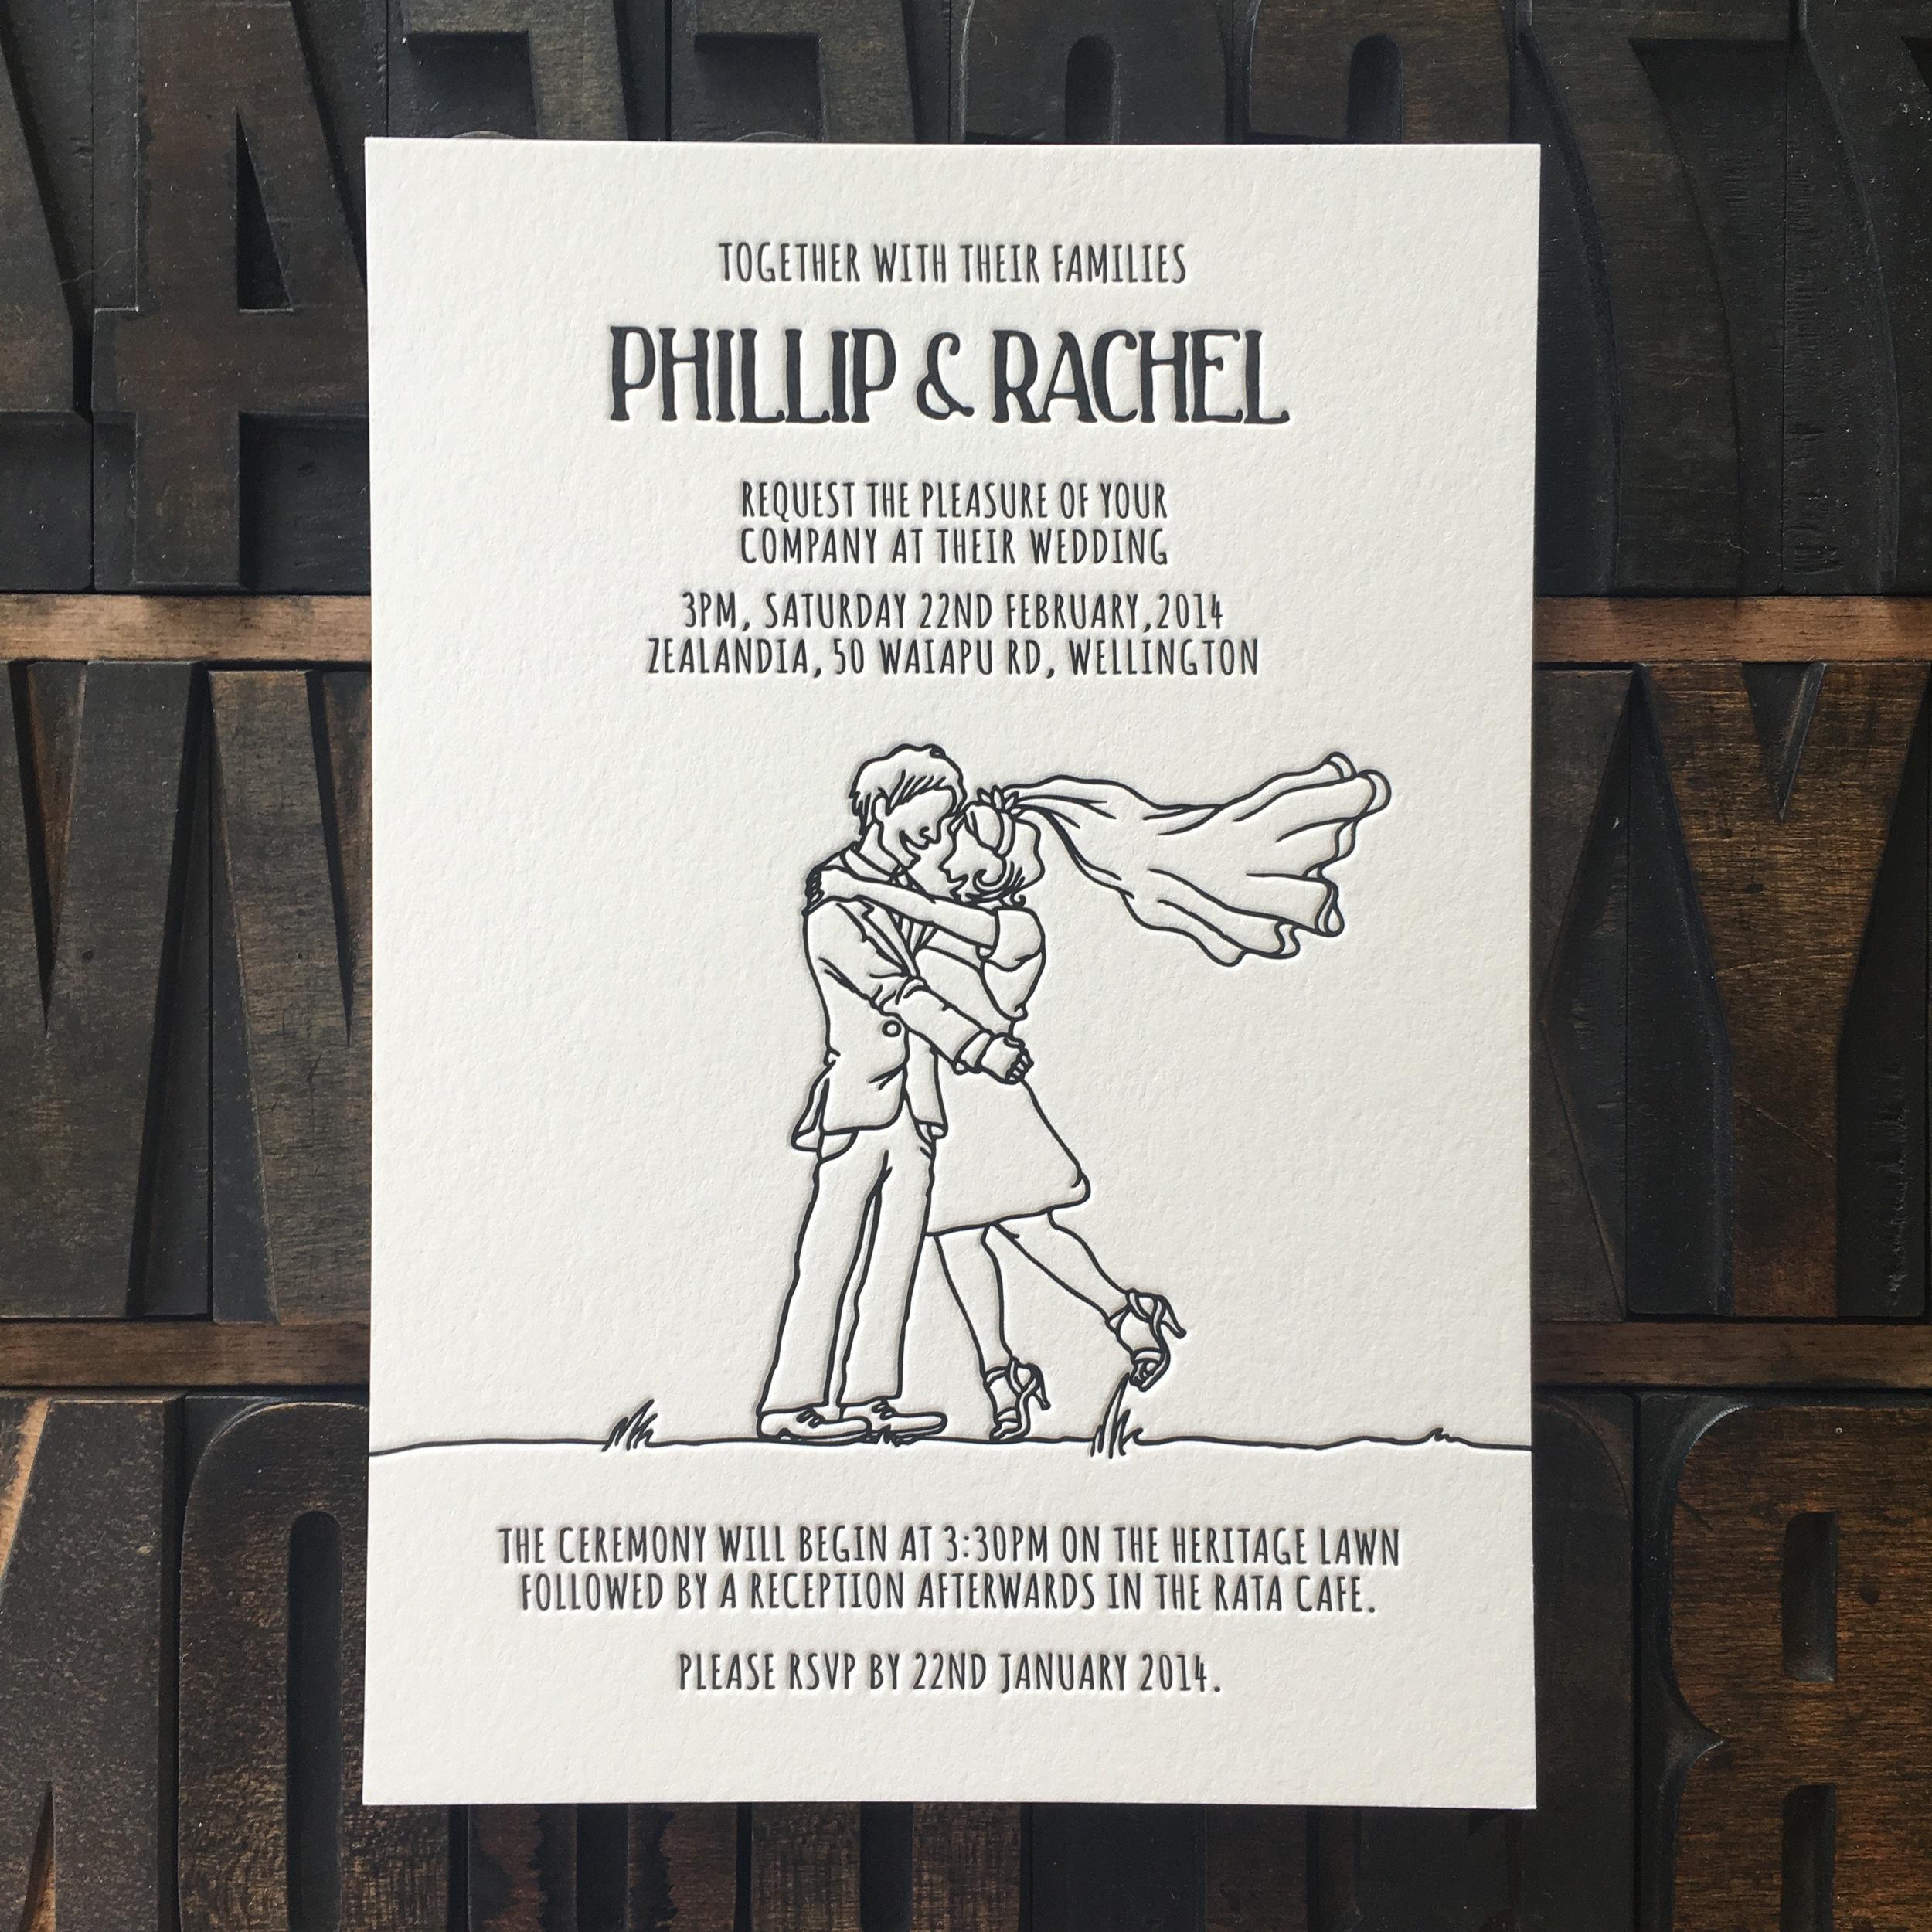 Phillip & Rachel